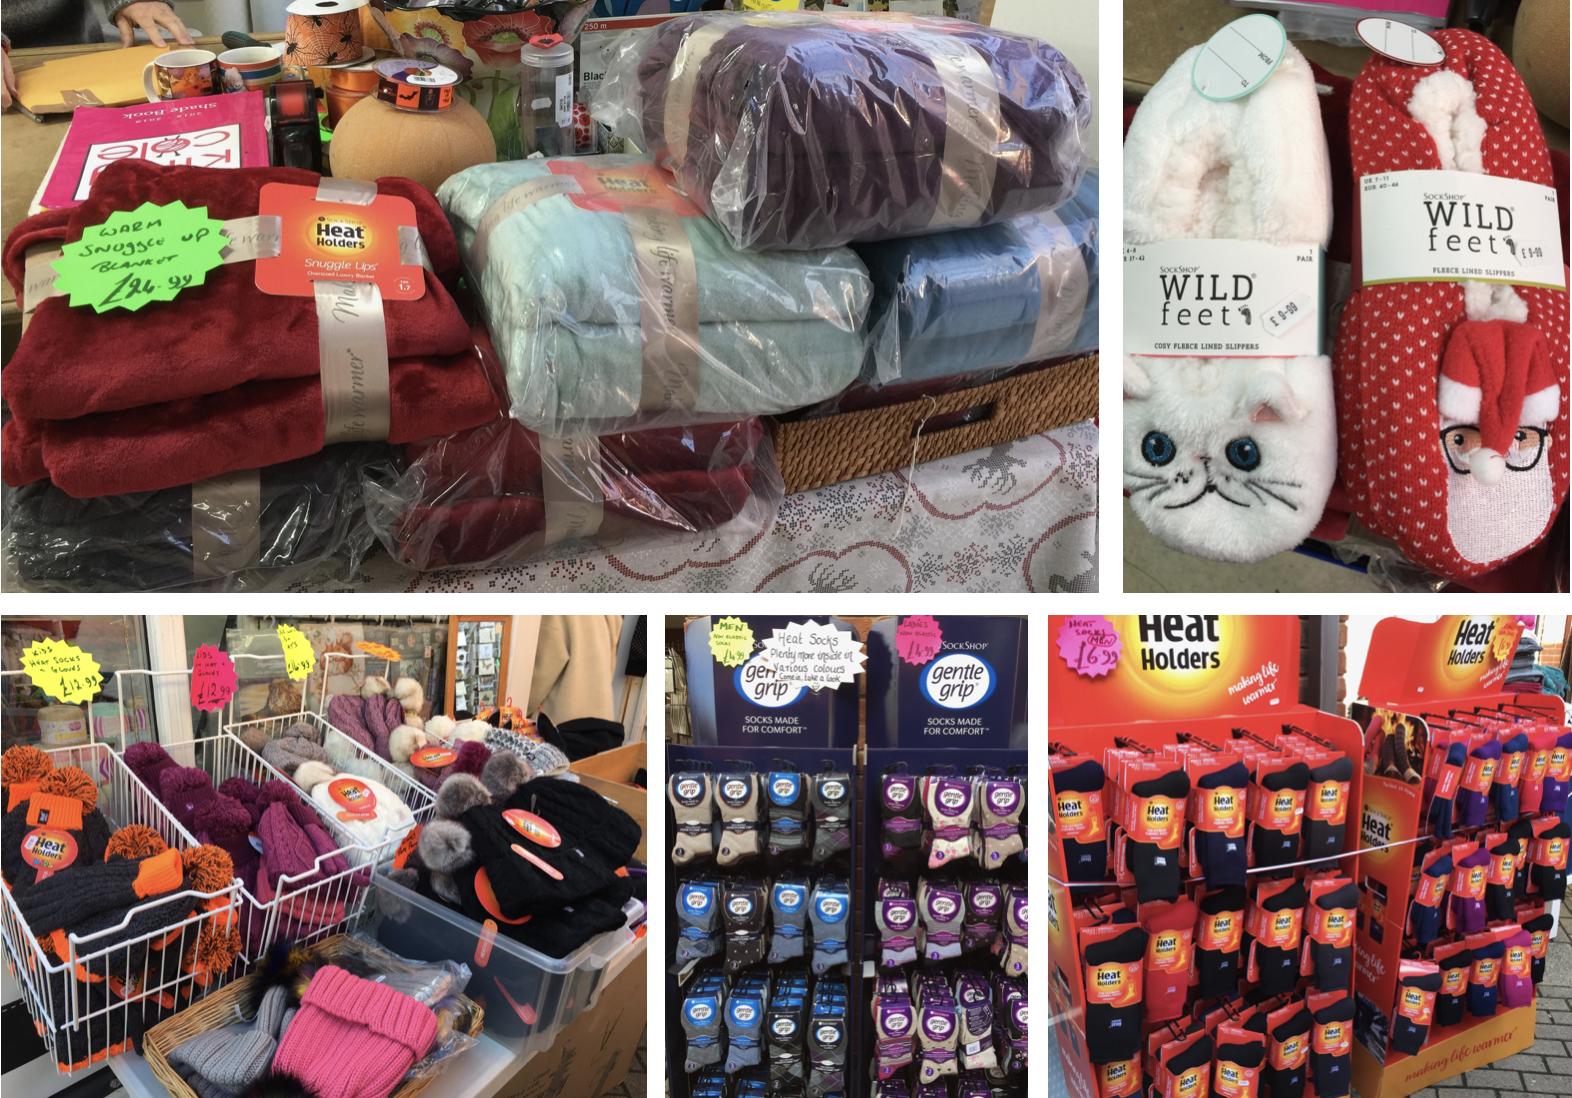 sew-n-sew-blankets-slippers-socks-hats